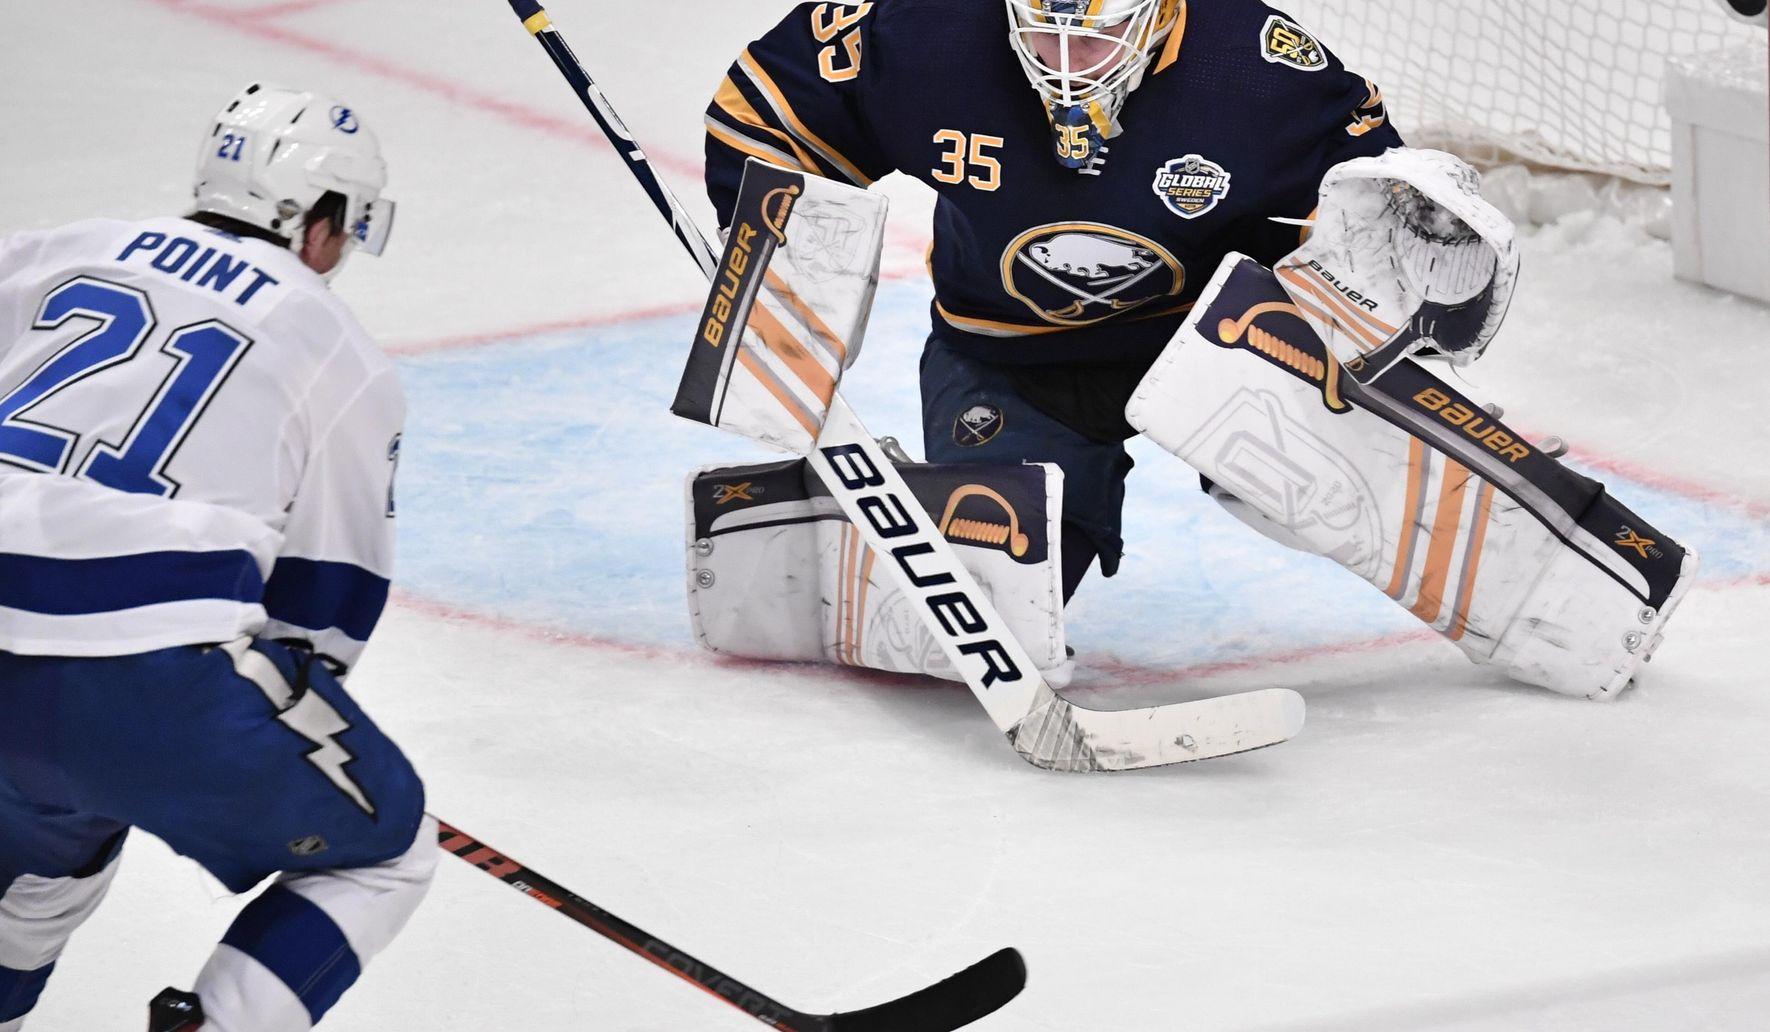 Sweden_sabres_lightning_hockey_71912_c0-321-3840-2559_s1770x1032